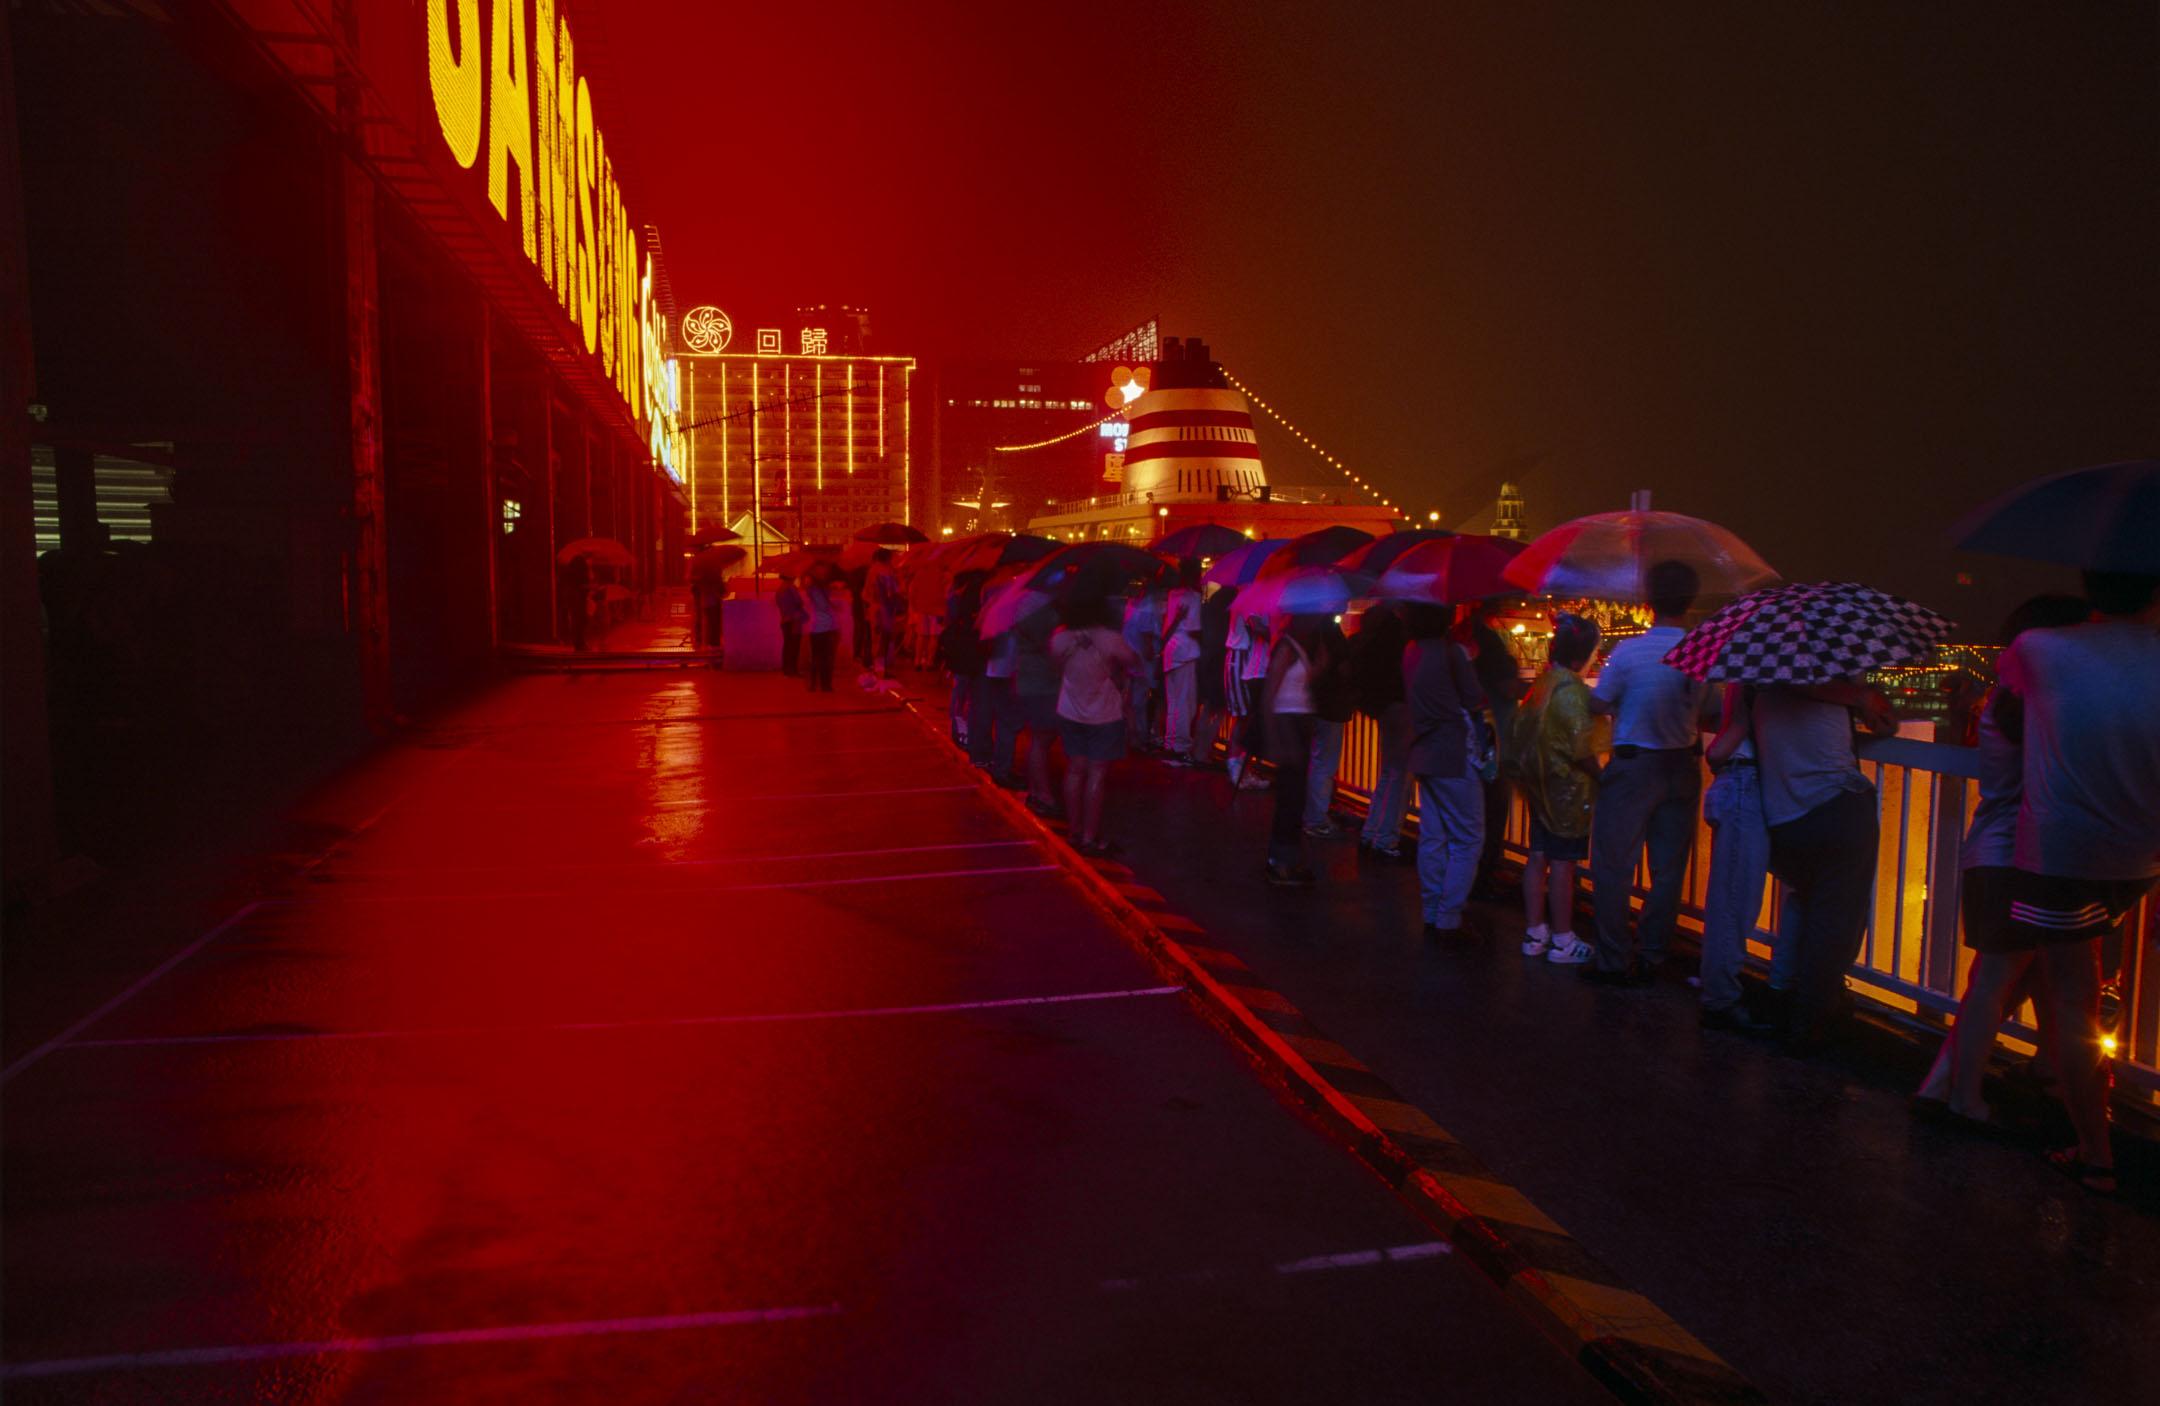 中史課程改革中首次加入了「香港史」原素,以中國歷史發展為主軸,論及香港。有評論認為將香港史放在中國史主軸之中學習,削弱了香港為本位的視角,讓香港發展淪為中國歷史的附屬品。圖為1997年的香港海運碼頭,市民冒雨迎接回歸的歷史時刻。 攝:Pictures Ltd./Corbis via Getty Images